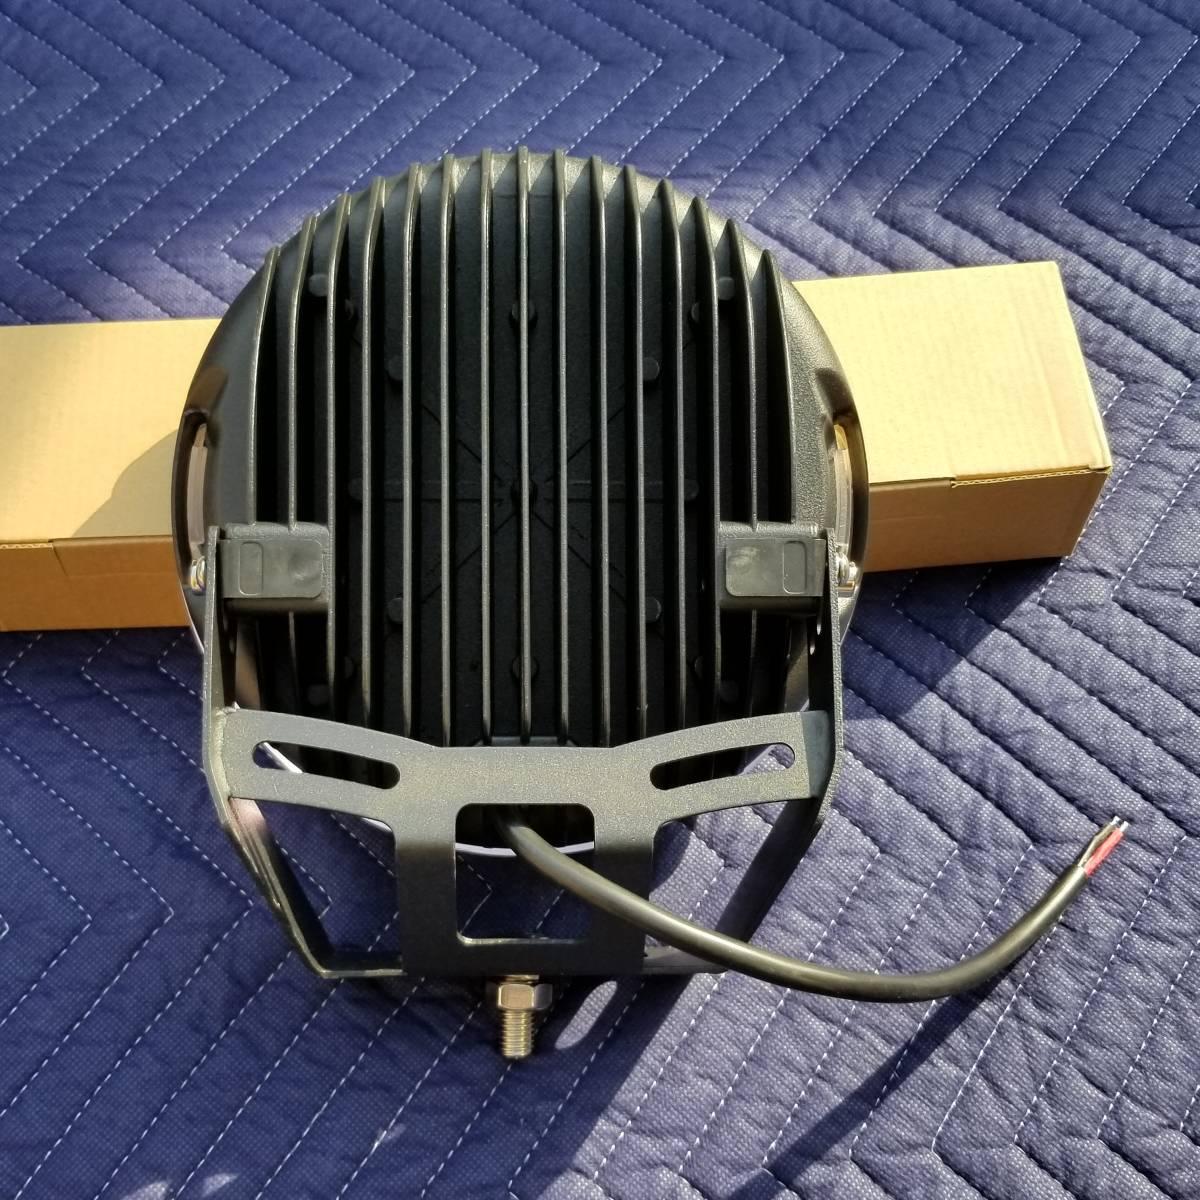 新品LED フォグライト 185w 作業灯 ワークライト 防水 CREE 2個 サーチライト ライトバー 丸型スポットビームARB プラド キャリア_画像6